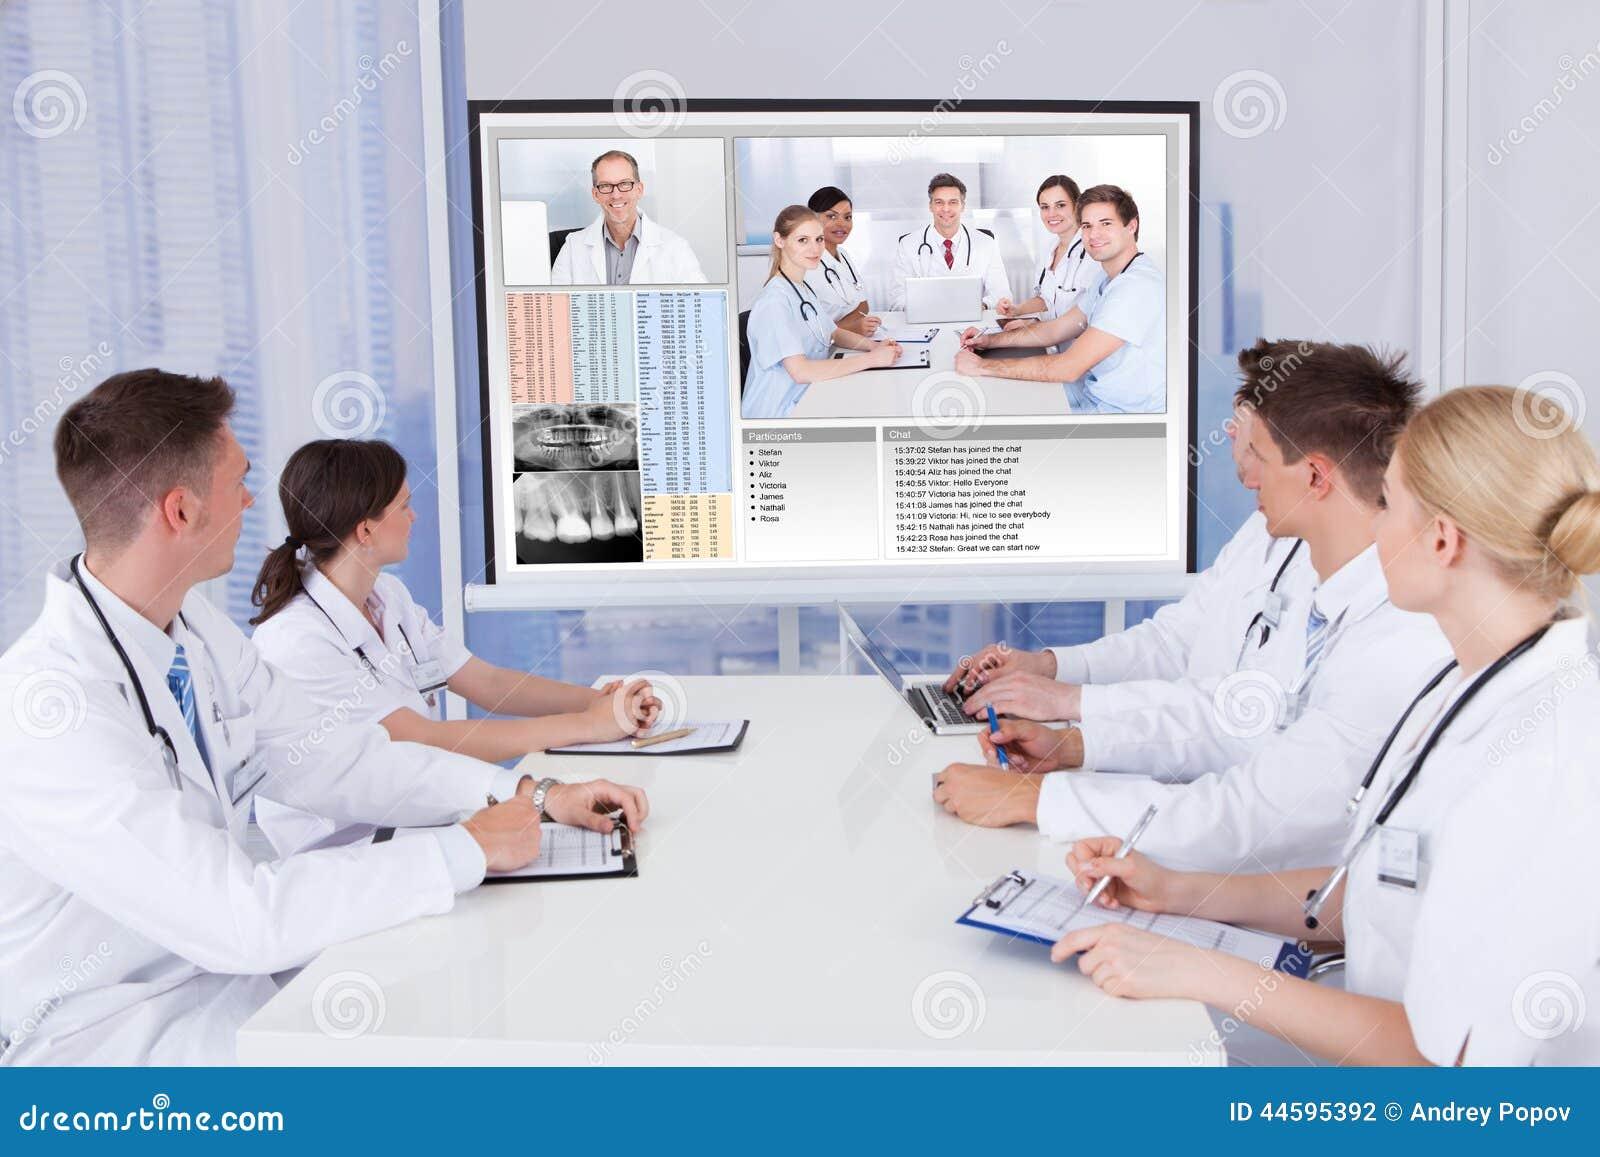 医生开电视电话会议会议在医院